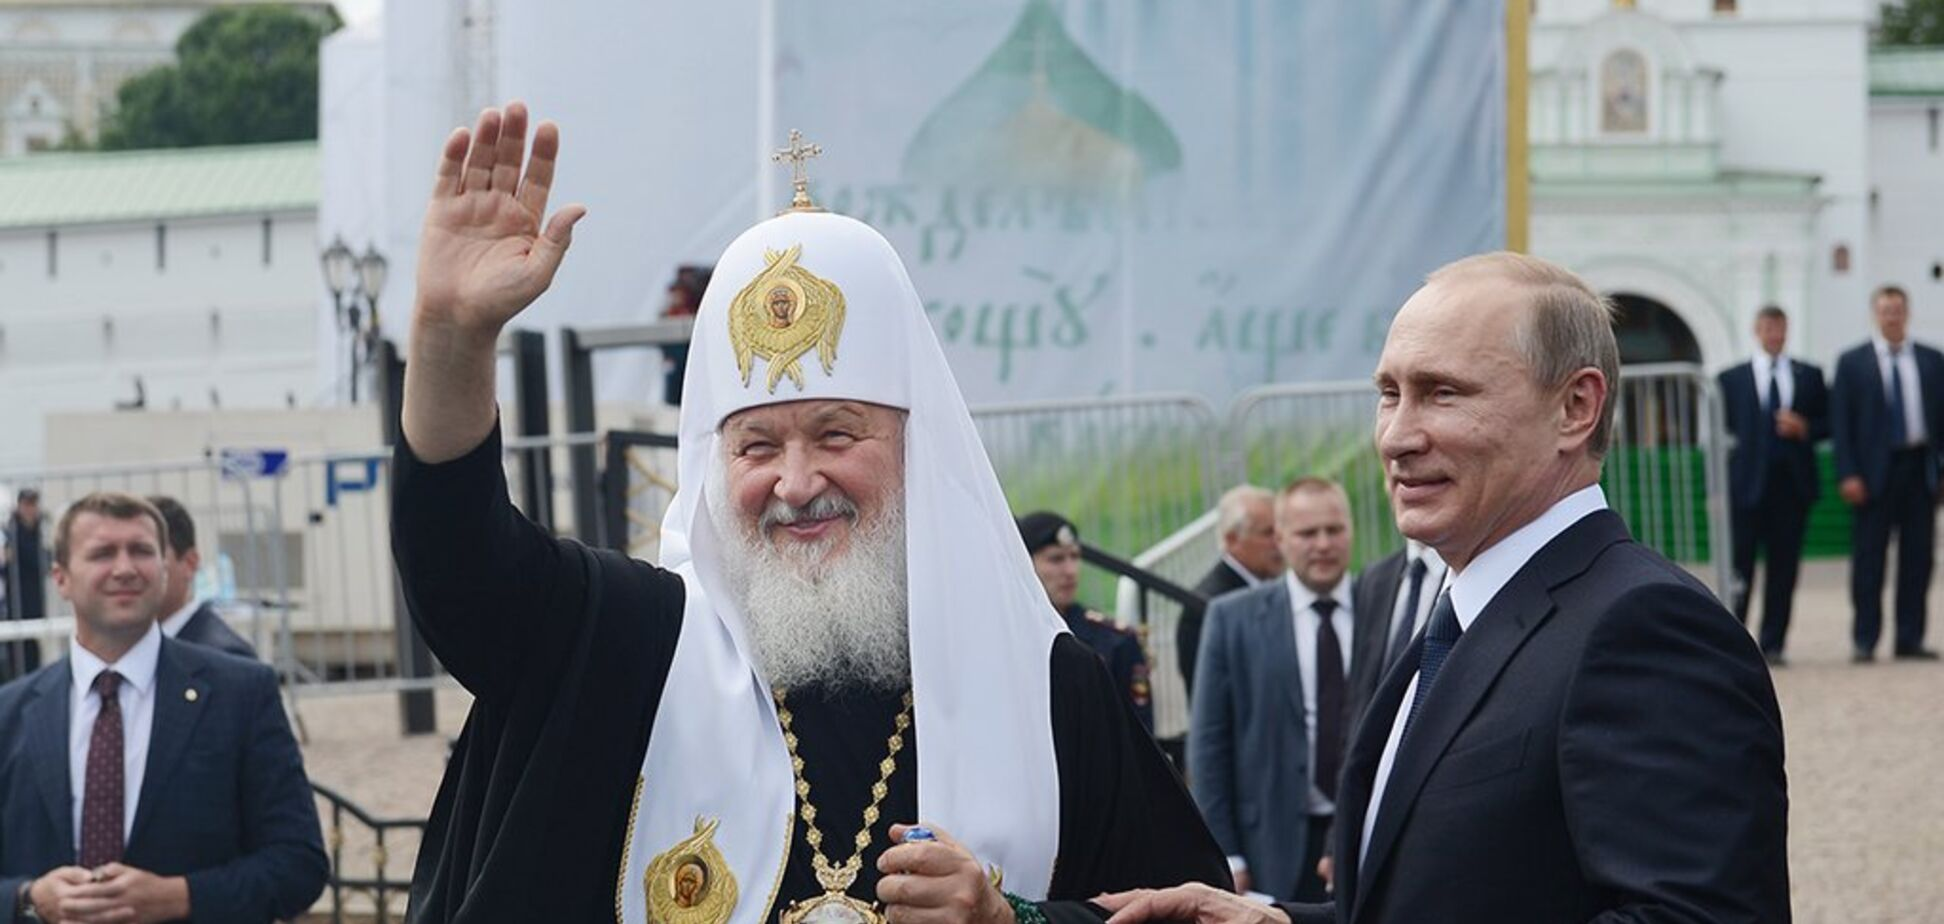 УПЦ МП больше не существует — Константинополь